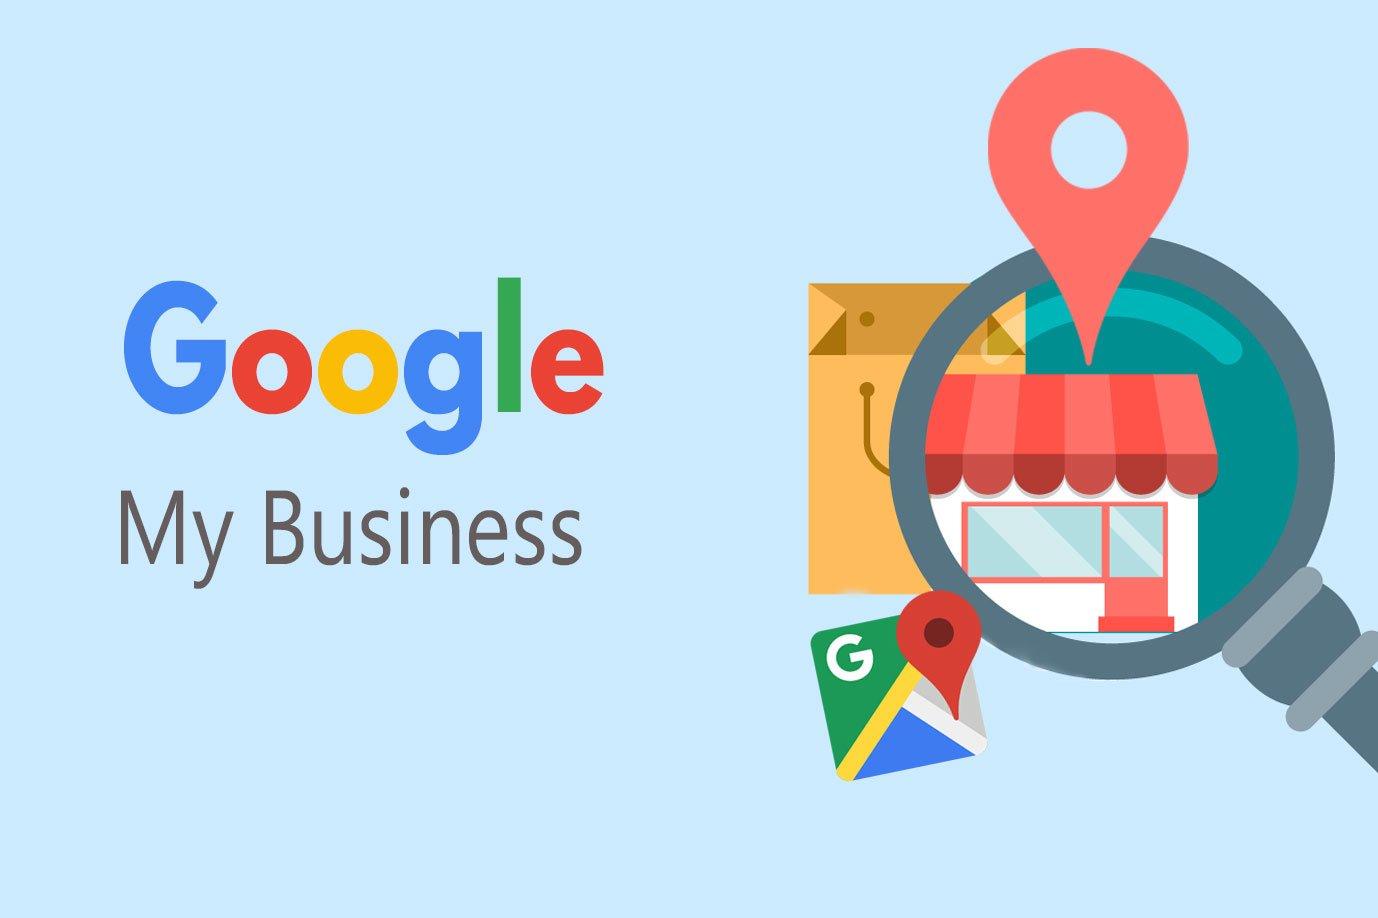 Google Business là gì? Cách tối ưu Google Business hiệu quả nhất ...